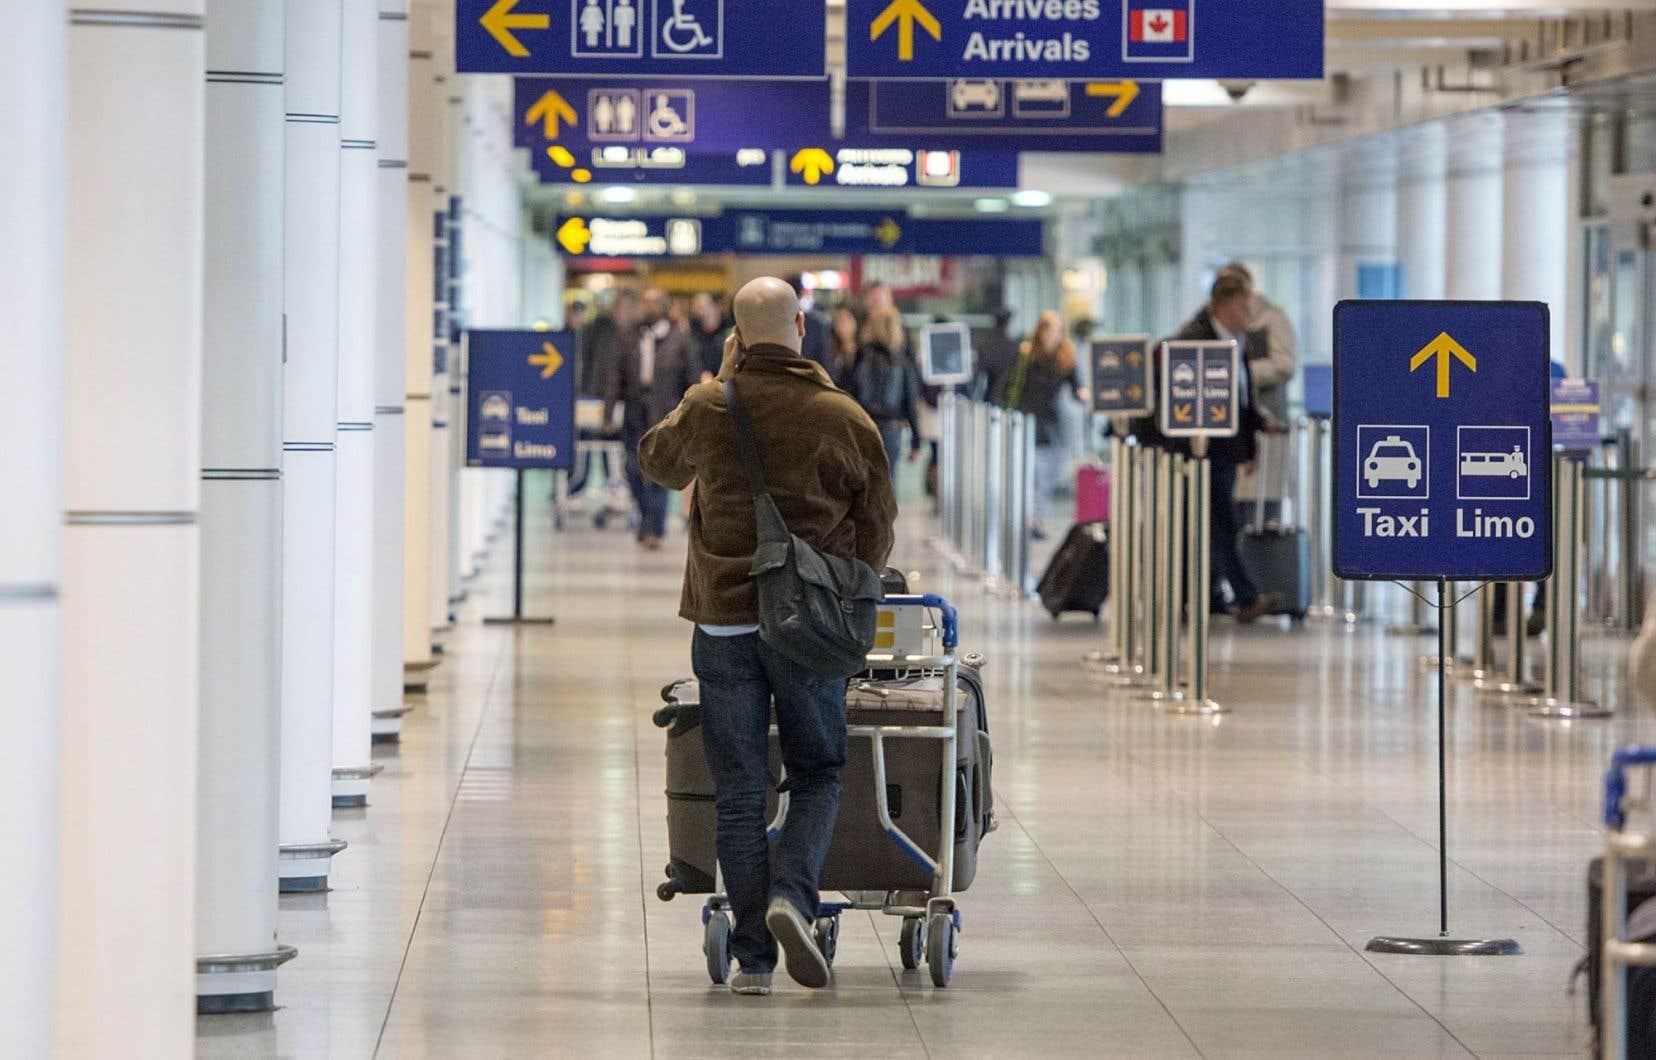 Selon une analyse récemment publiée par l'institut C.D. Howe, la valeur d'Aéroports de Montréal se situe entre 1,3 et 2,9 milliards.